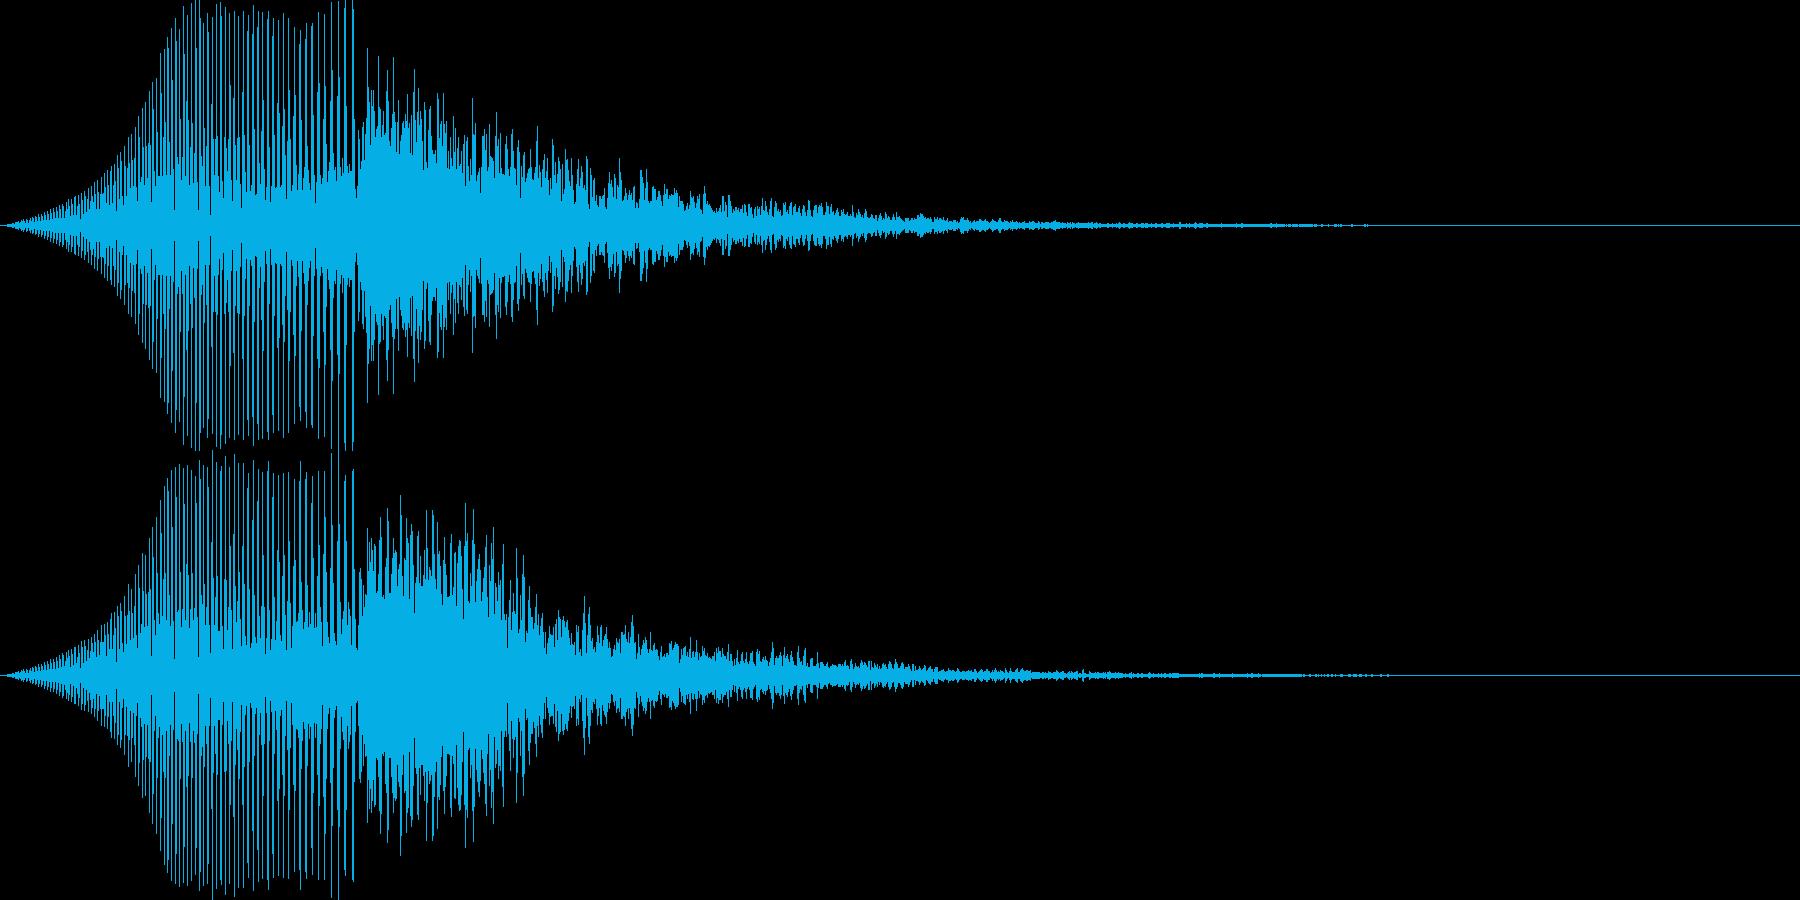 ブーンと現れた後に魔法で消える効果音の再生済みの波形